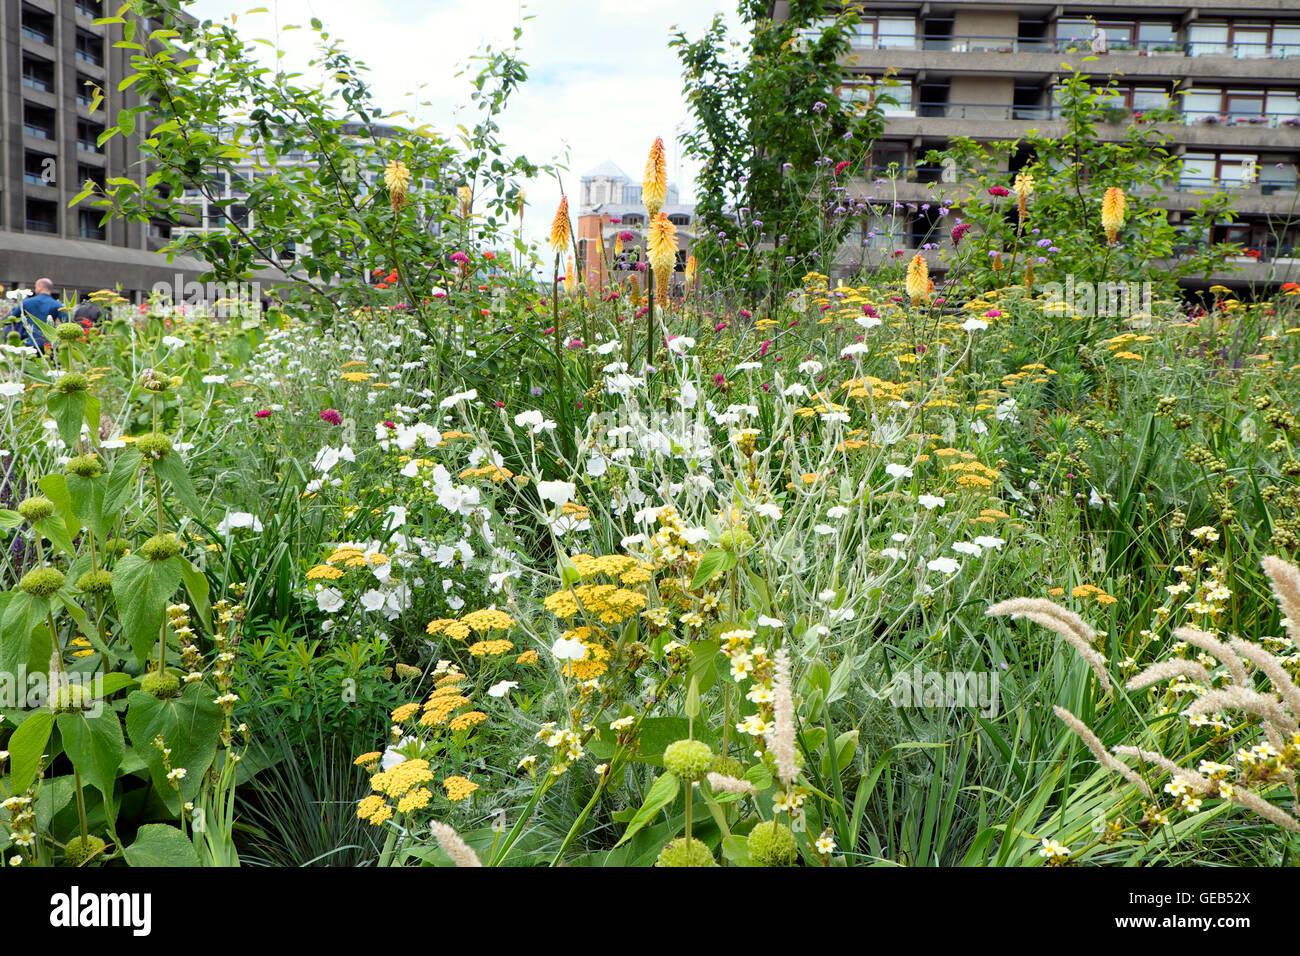 Architetto Di Giardini progettista di giardini nigel dunnet urbano giardini di